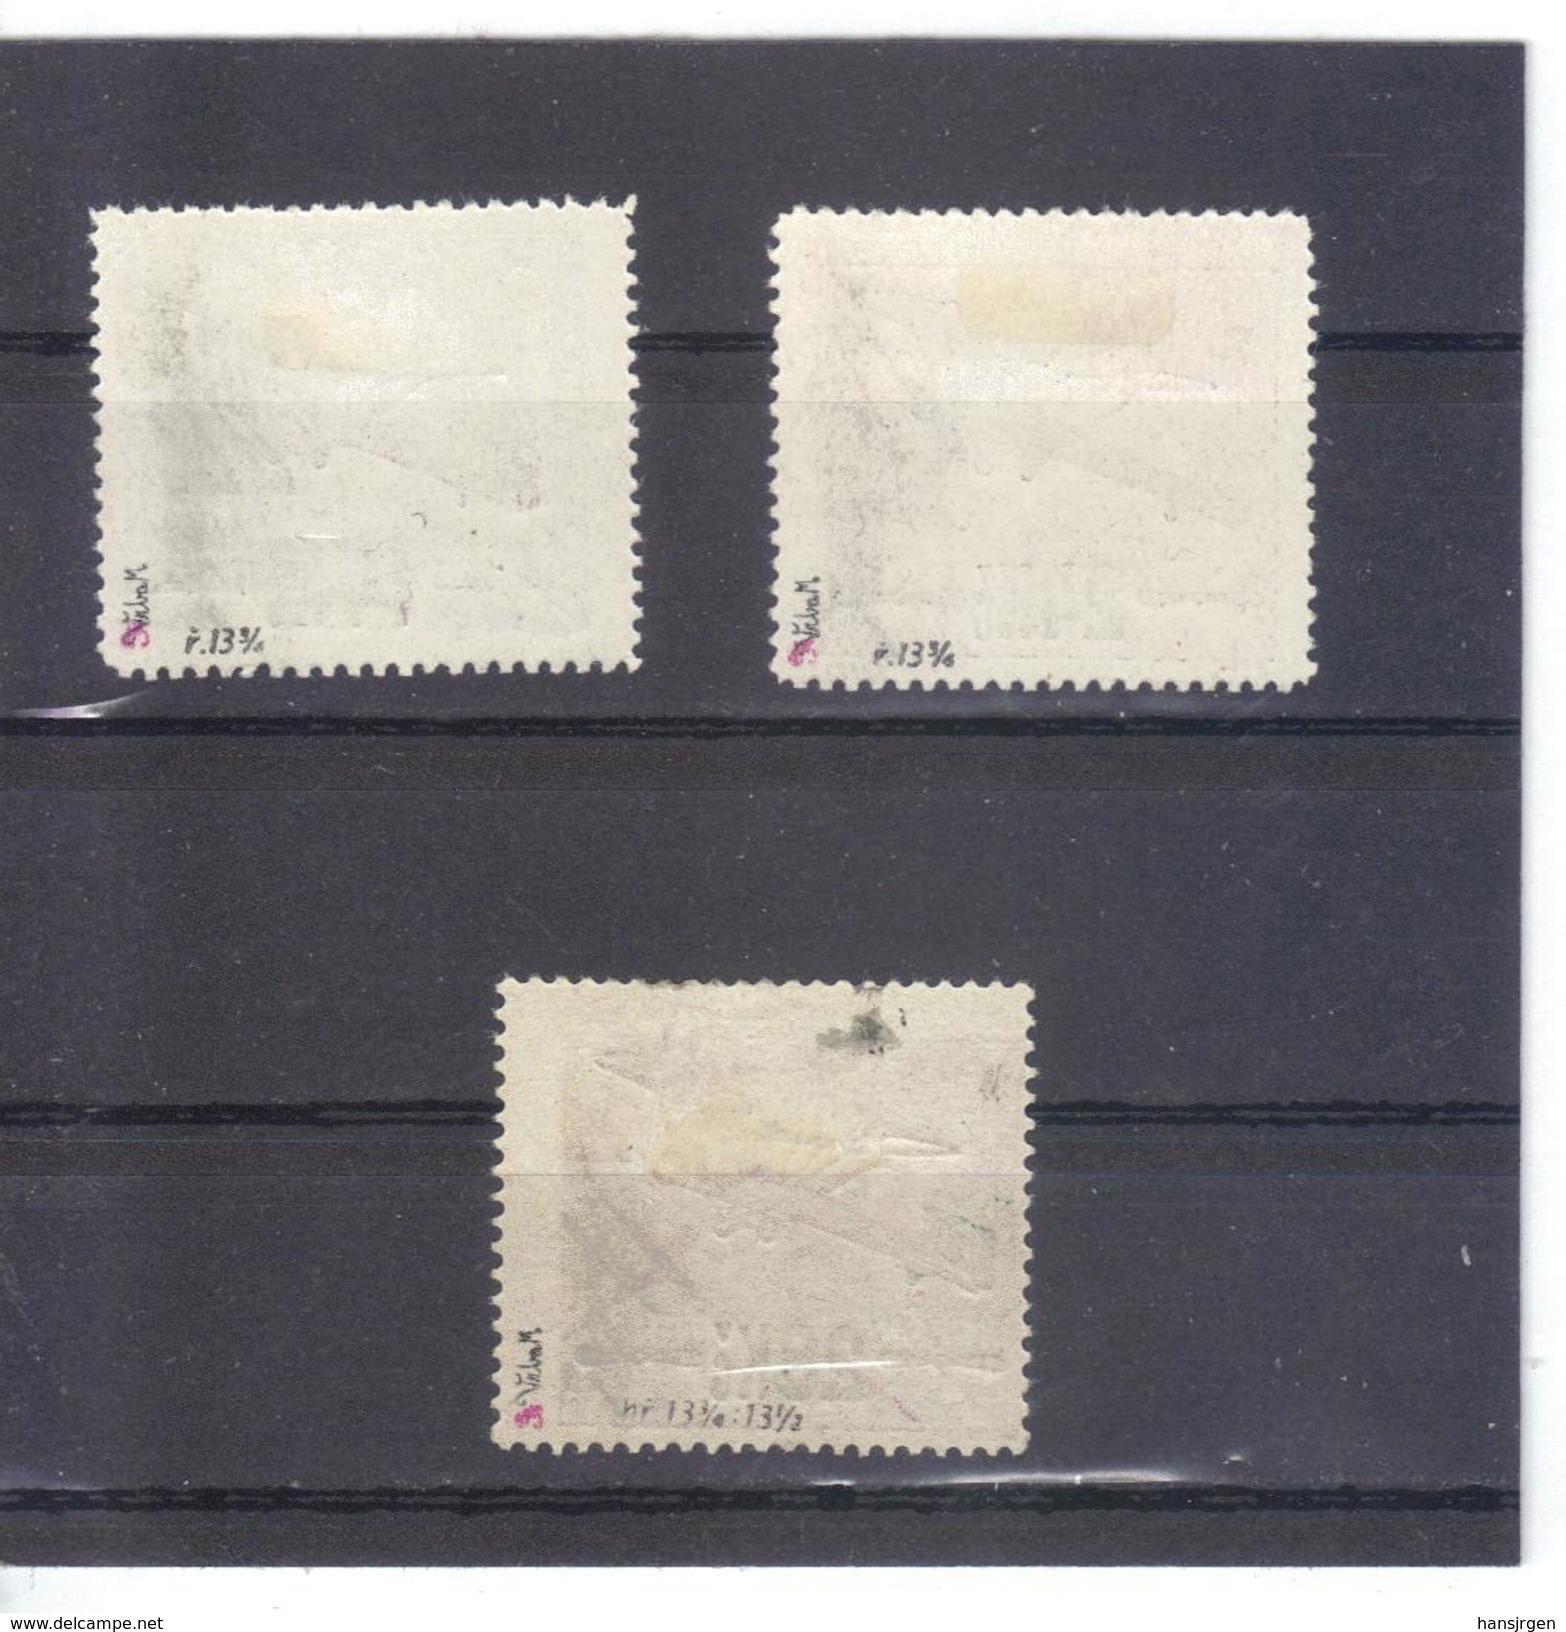 NEU71 TSCHECHOSLOWAKEI 1920 MICHL 192/93 B 194 C Geprüft  (*) FALZ Siehe ABBILDUNG - Tschechoslowakei/CSSR